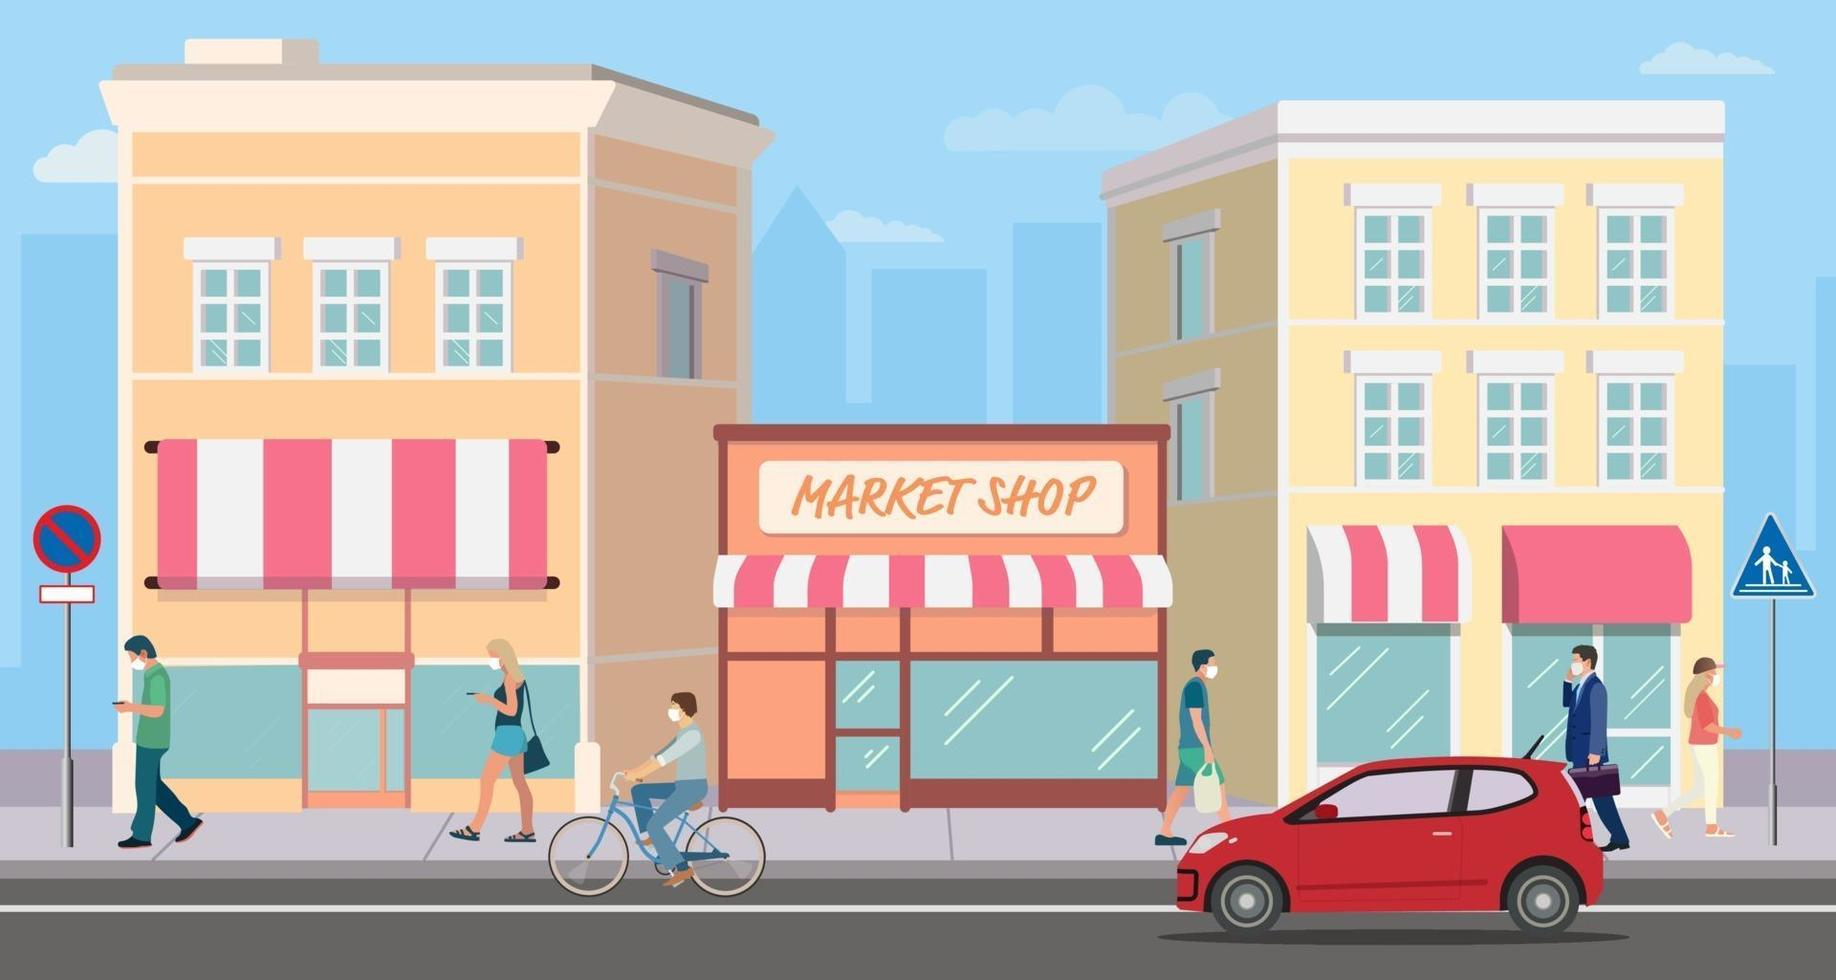 flaches Gebäude einkaufen Straßenmarkt mit Menschen. Stadtbild und Mann zu Fuß. Ladenfassade auf der Straße mit dem Auto. moderne Ladengebäude und Aktivitäten für Menschen. Geschäftsstraßenkonzept vektor